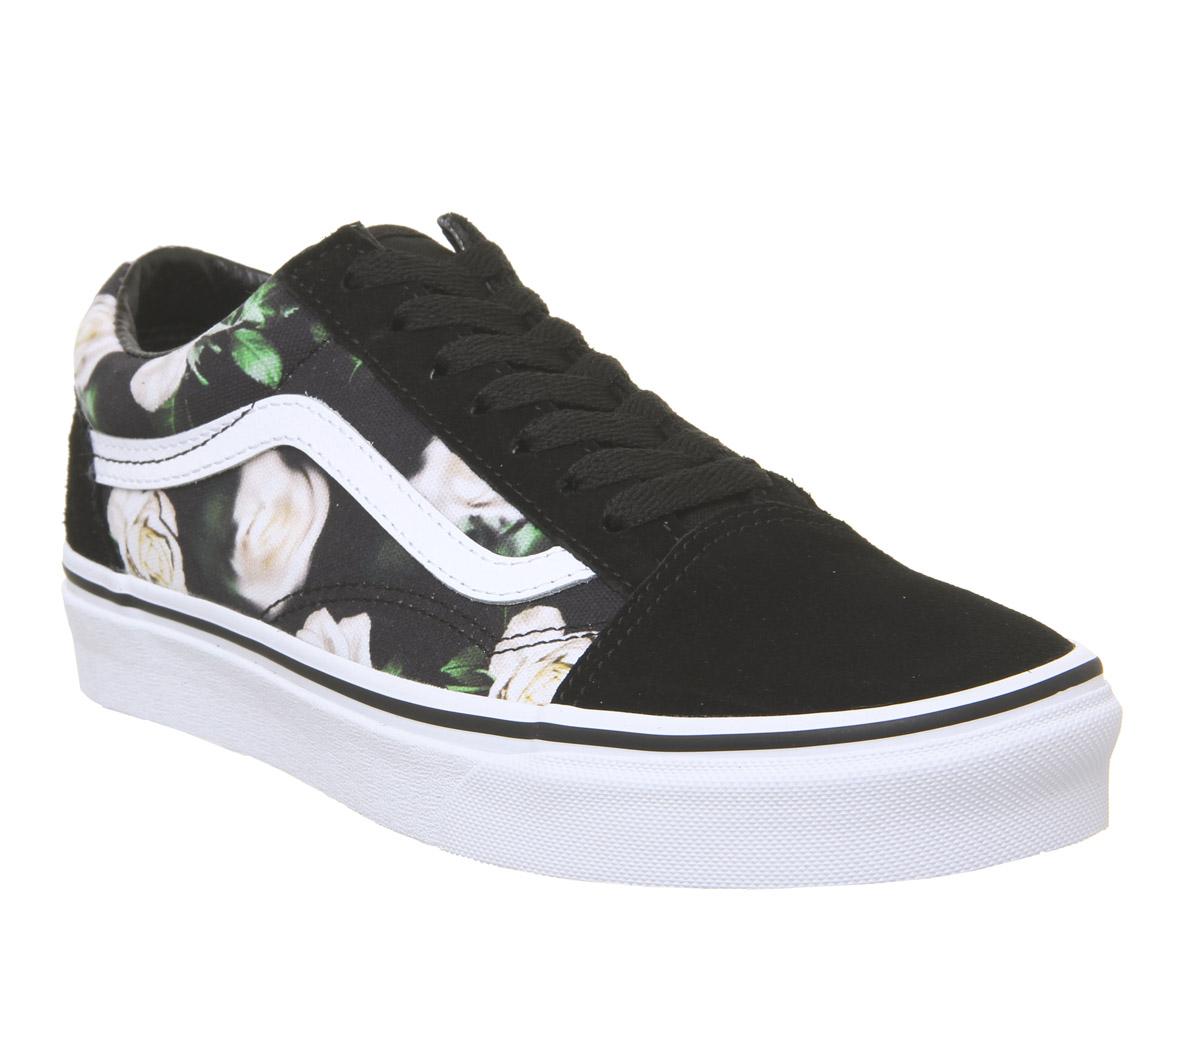 95a8854a4 CENTINELA Instructores de mujer Vans Old Skool negro Floral verdaderos  entrenadores blanco zapatos